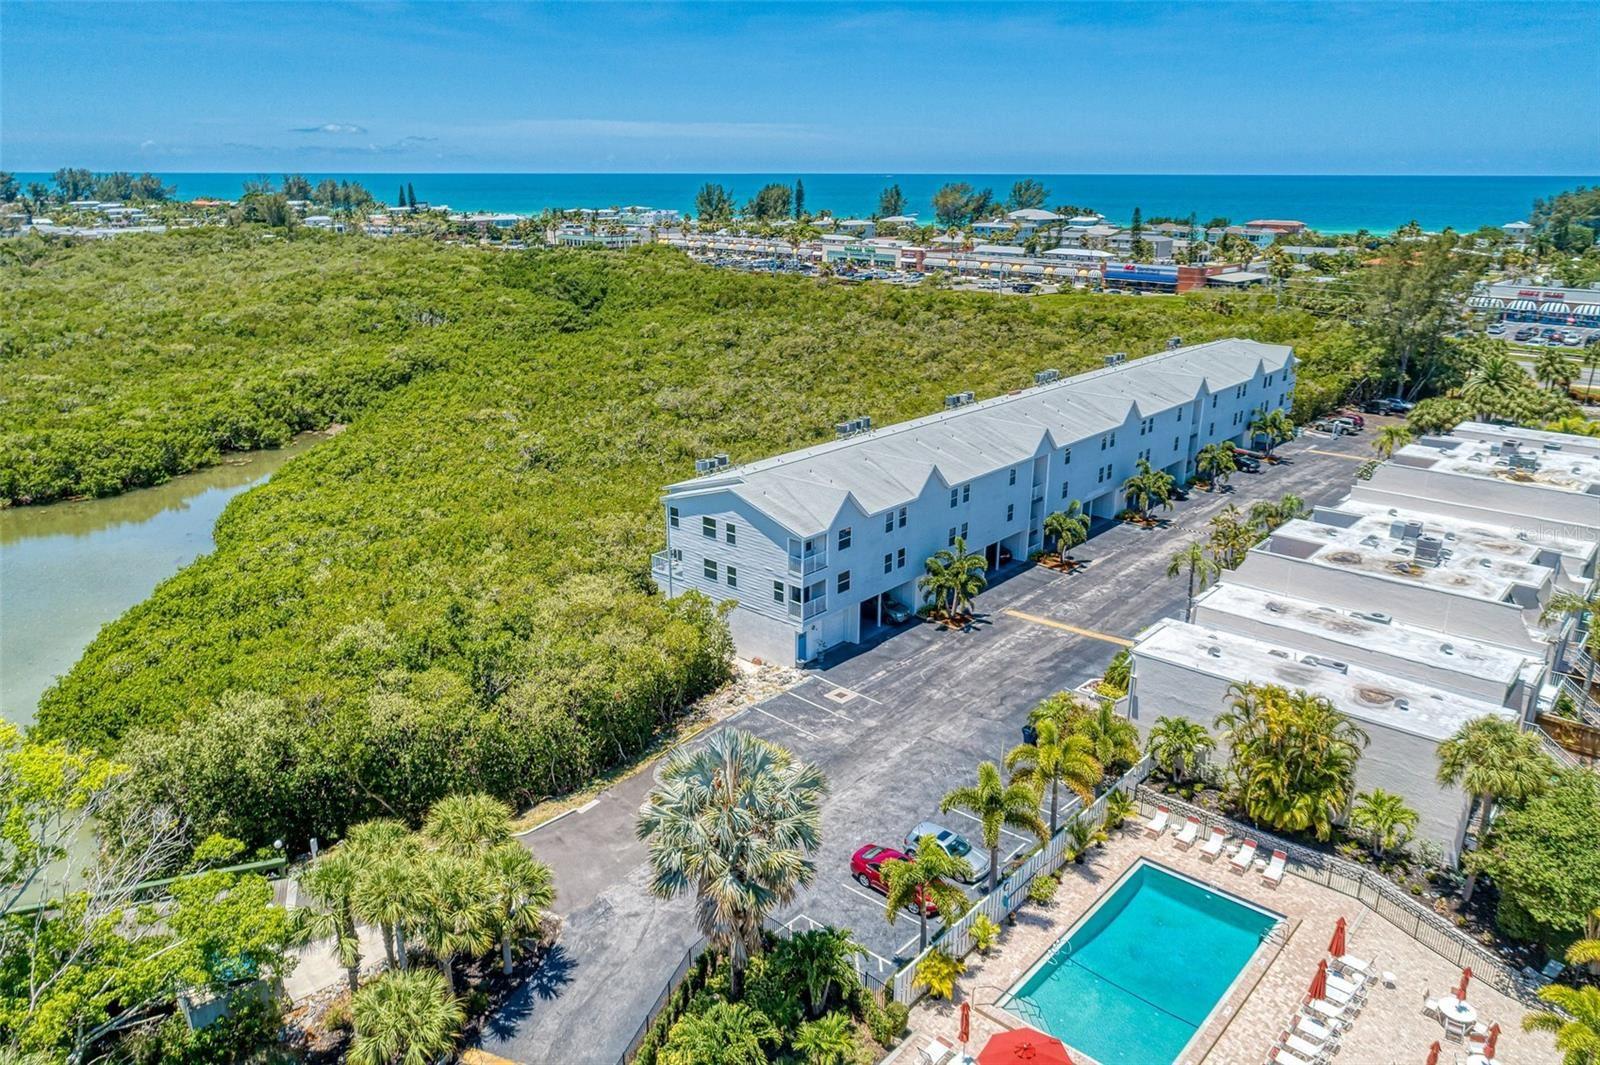 Photo of 3607 E BAY DRIVE #101, HOLMES BEACH, FL 34217 (MLS # A4508778)